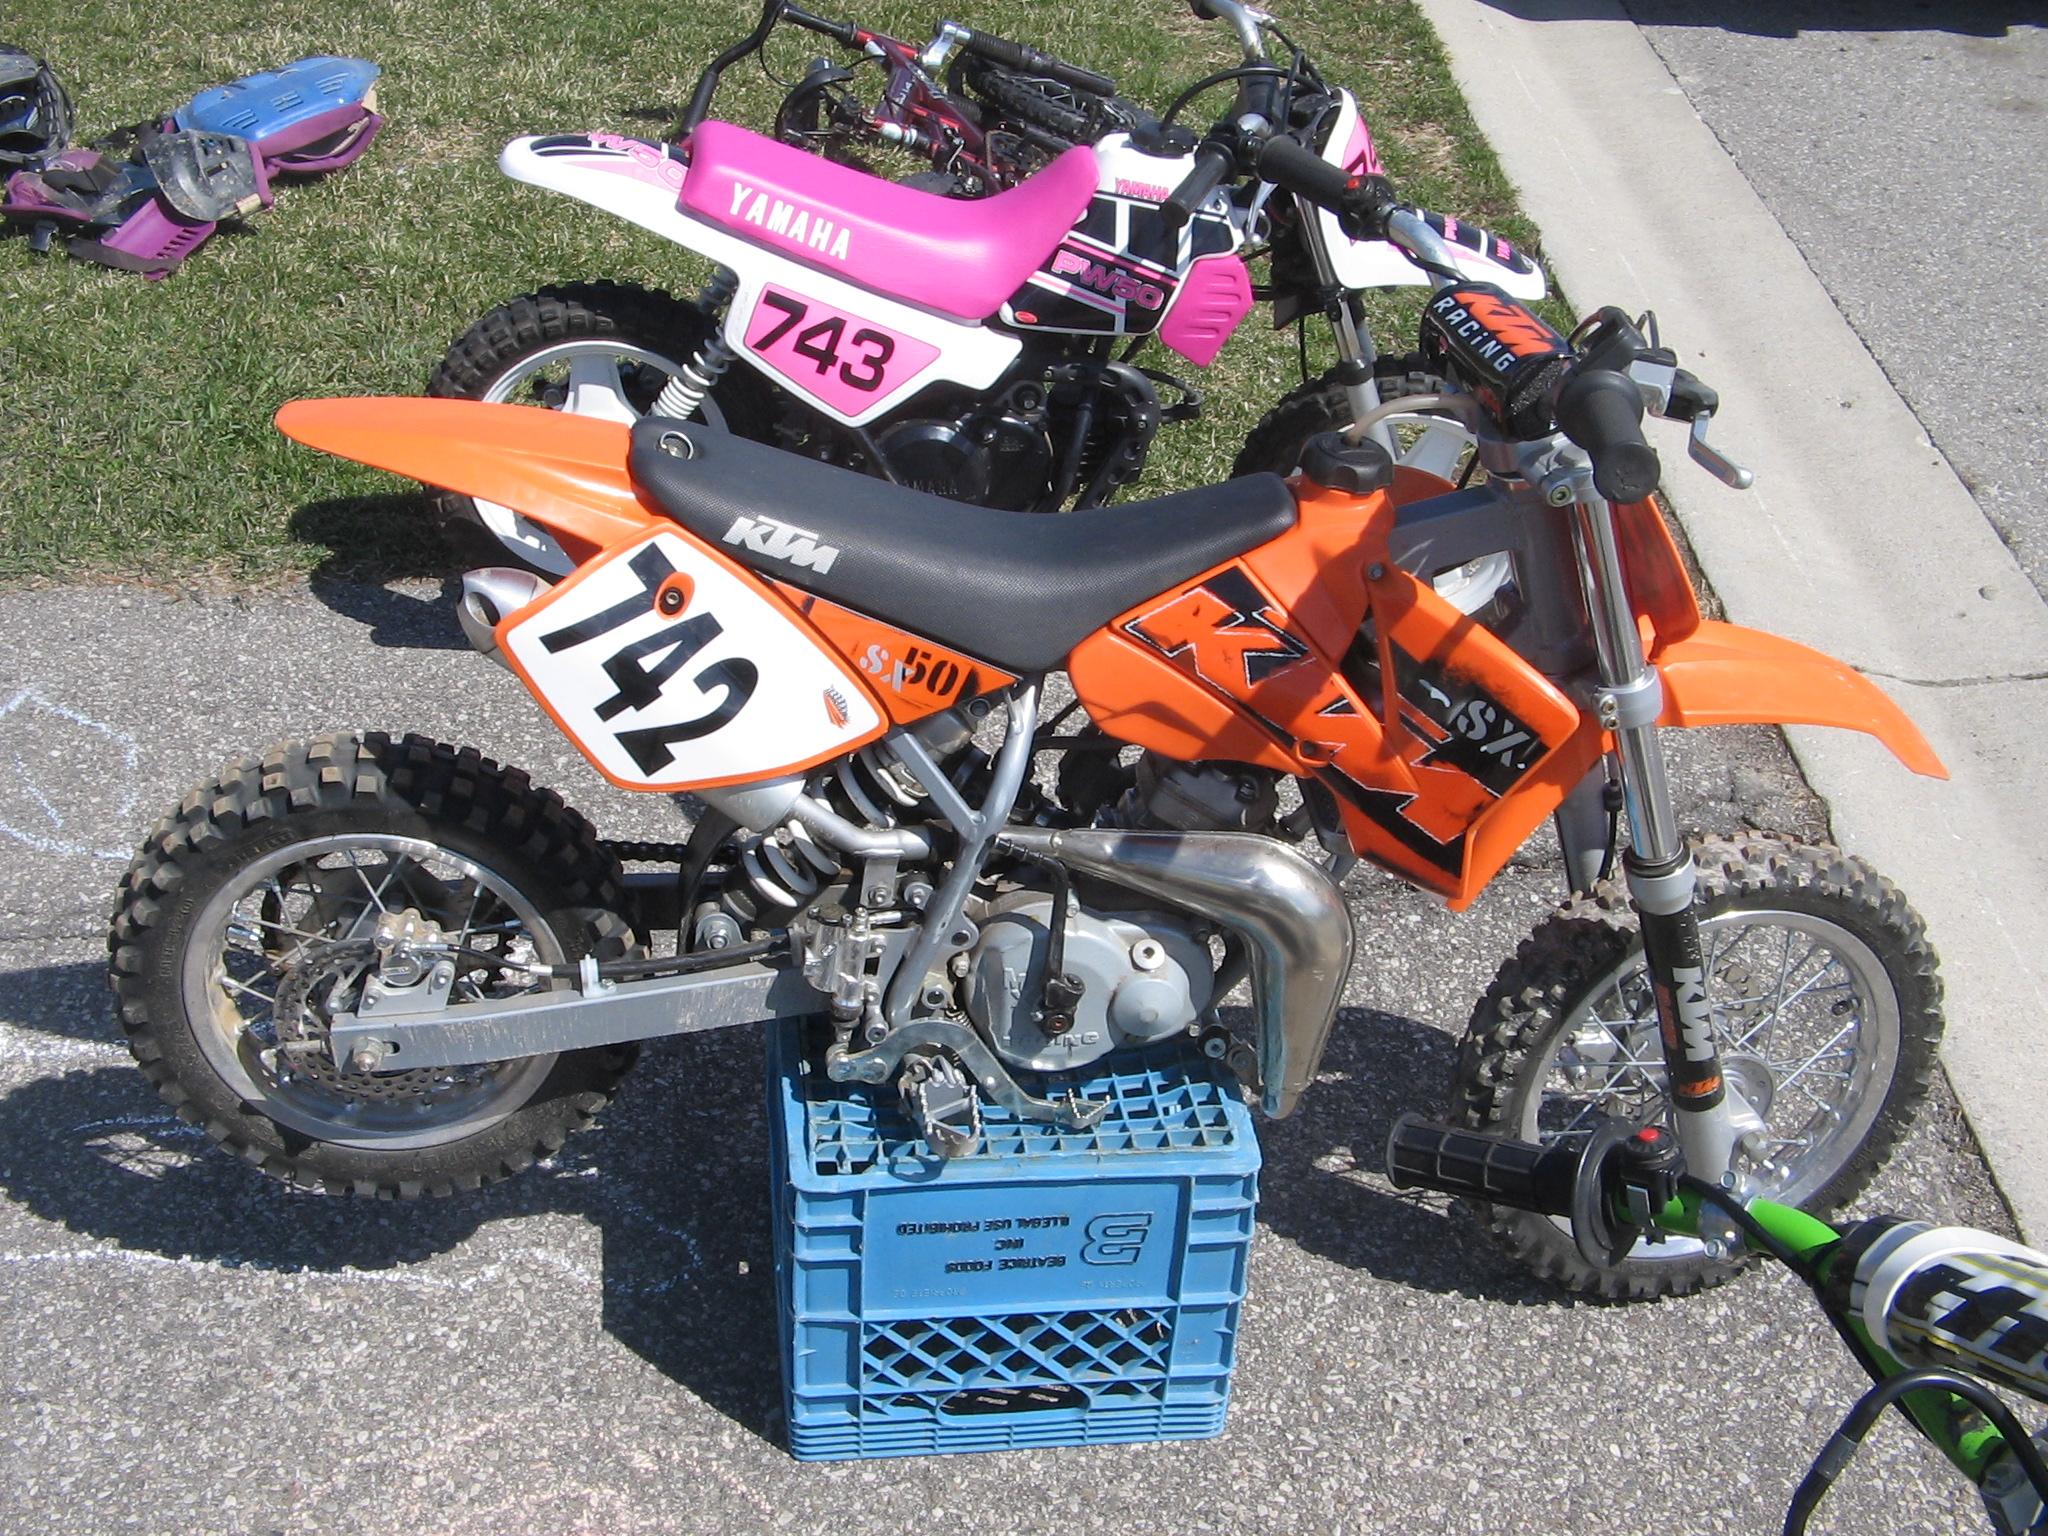 04KTM50SR & 99PW50